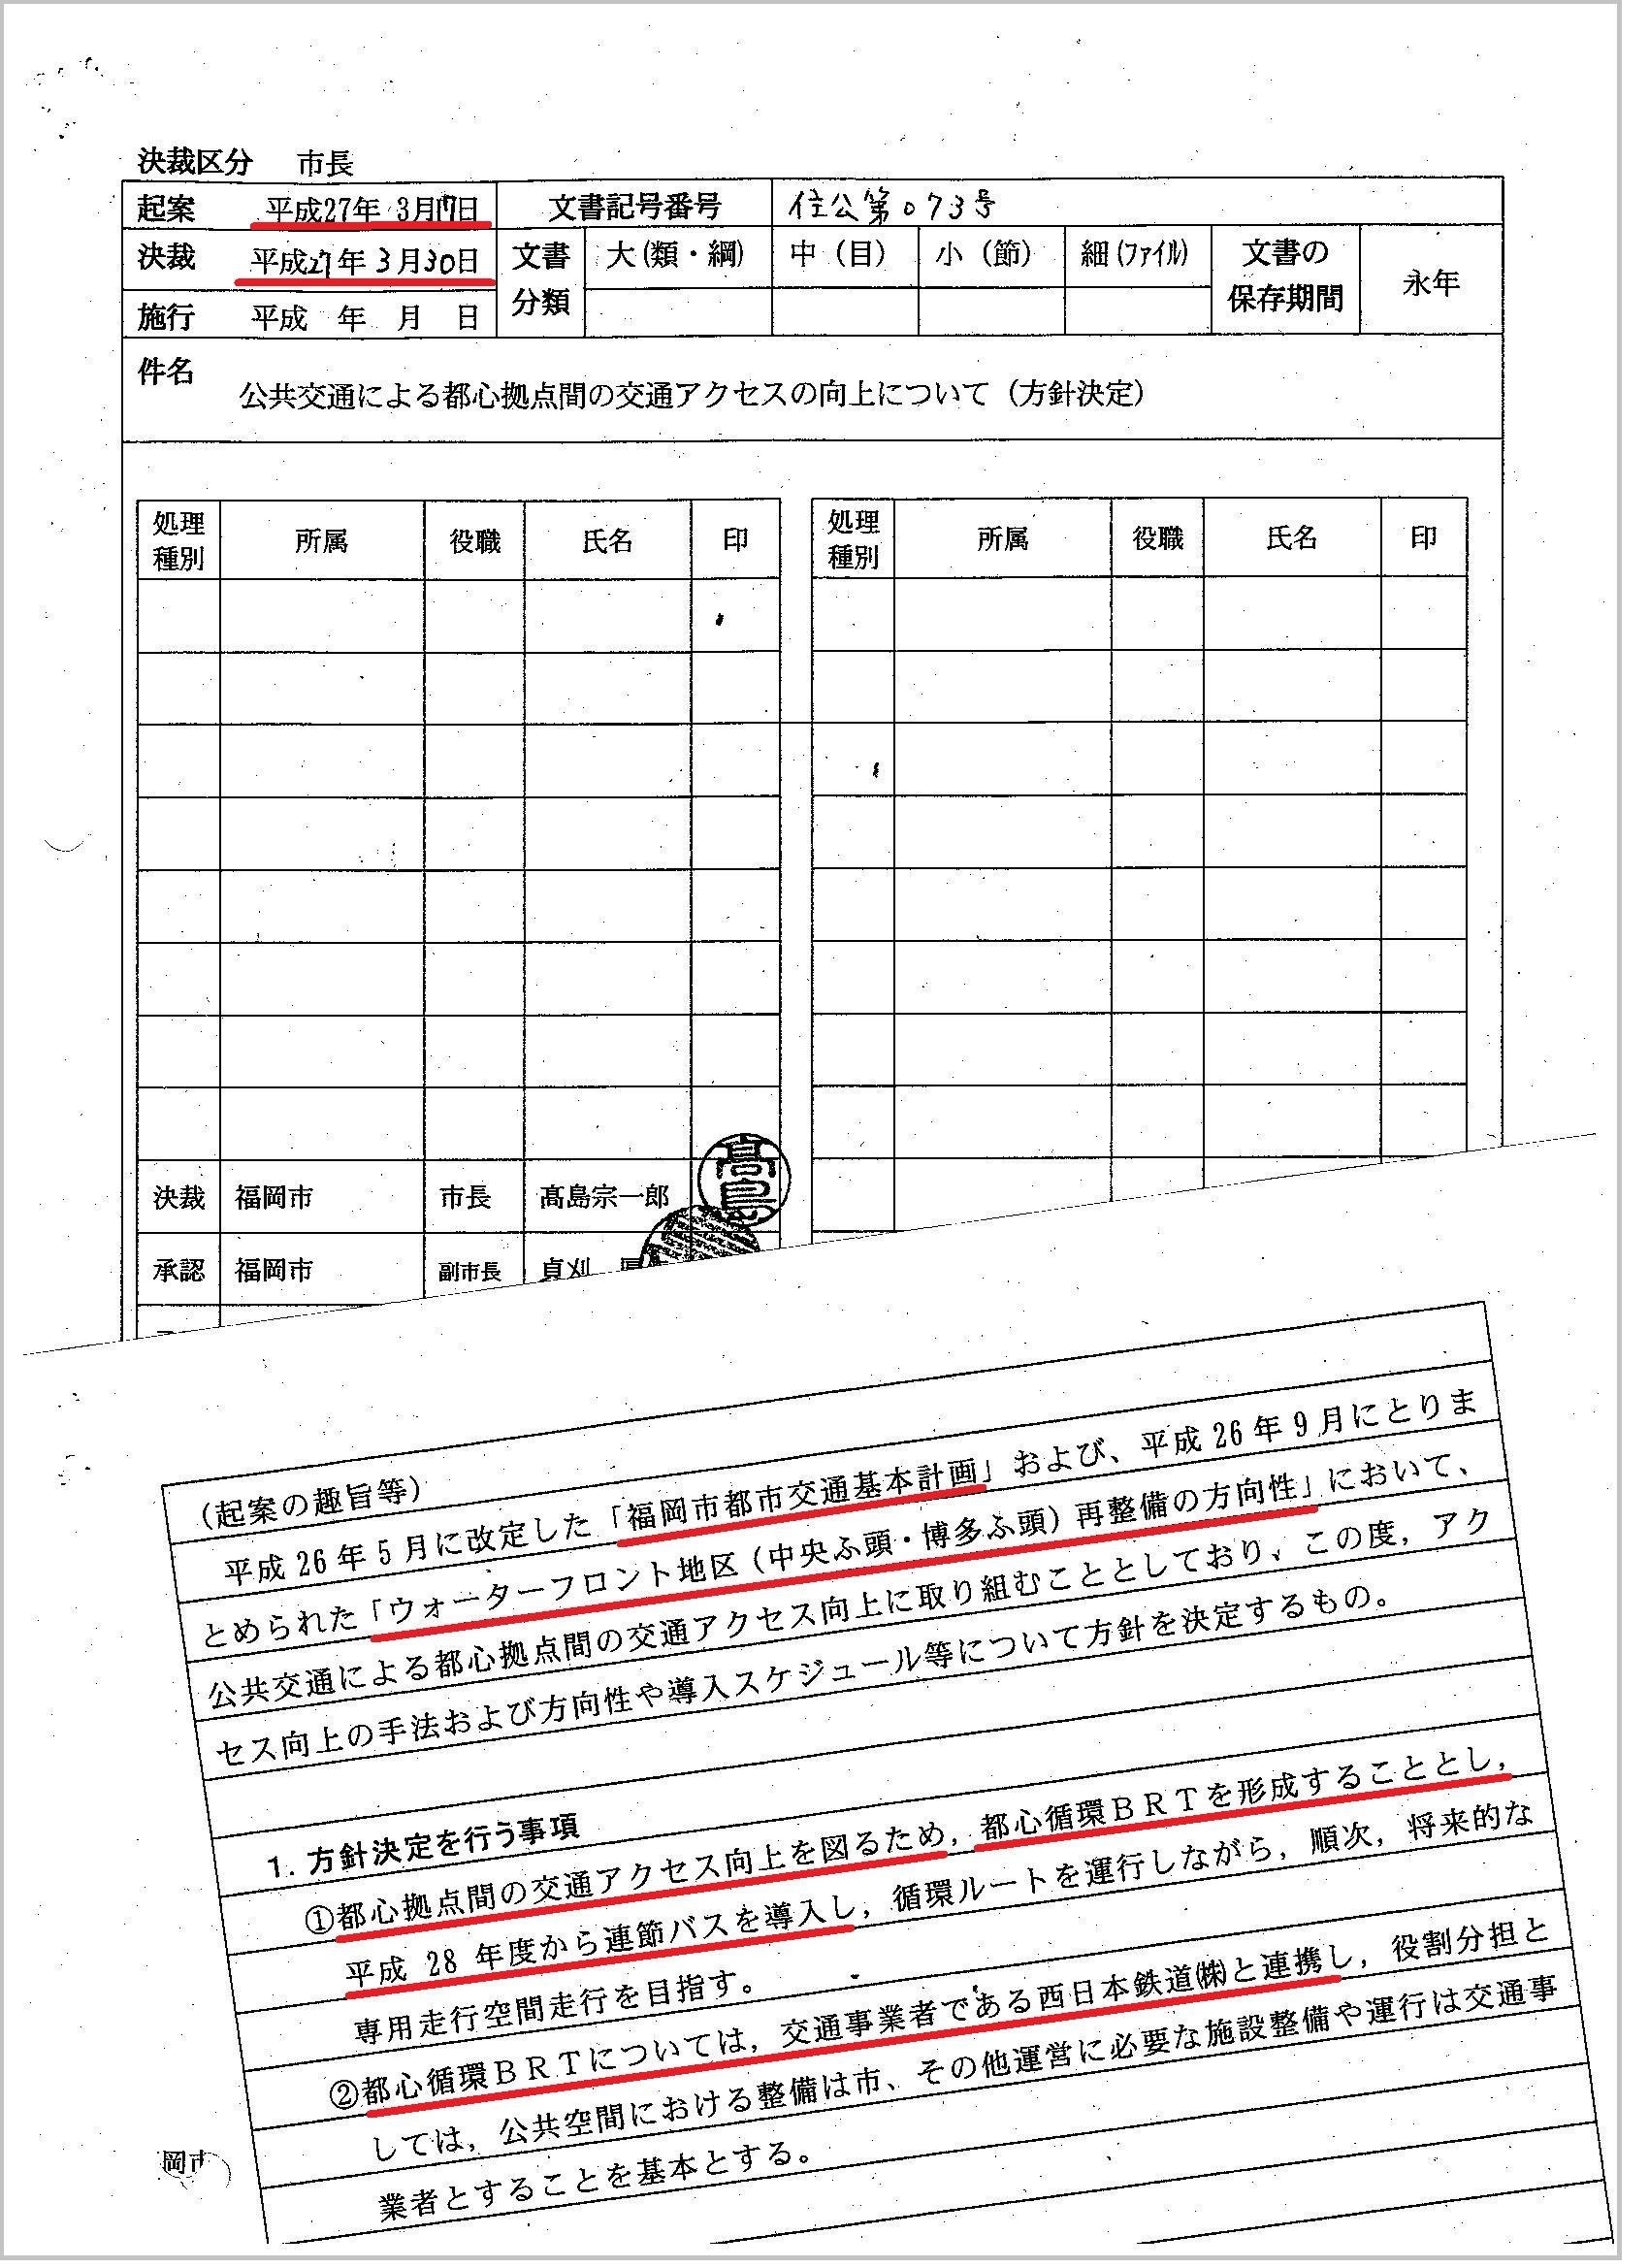 http://hunter-investigate.jp/news/cb9234fe246e58fa2c2265c2b2c9b31acb679c60.jpeg